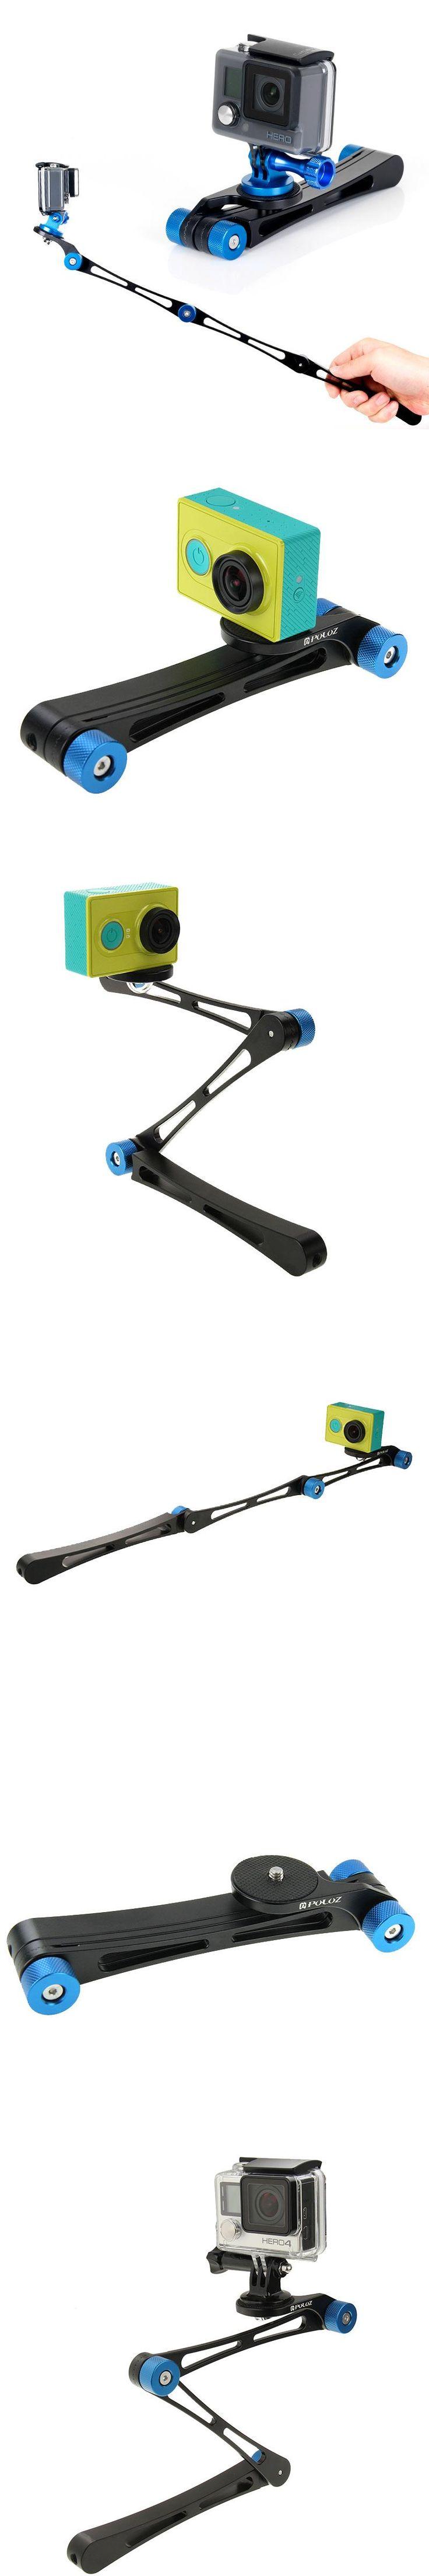 2017 Newest 3 Way Folding Selfie Stick Portable Mini Monopod Stabilizer Grip for GoPro Hero 5 4 3 2 1 xiaomi yi 4K SJ4000